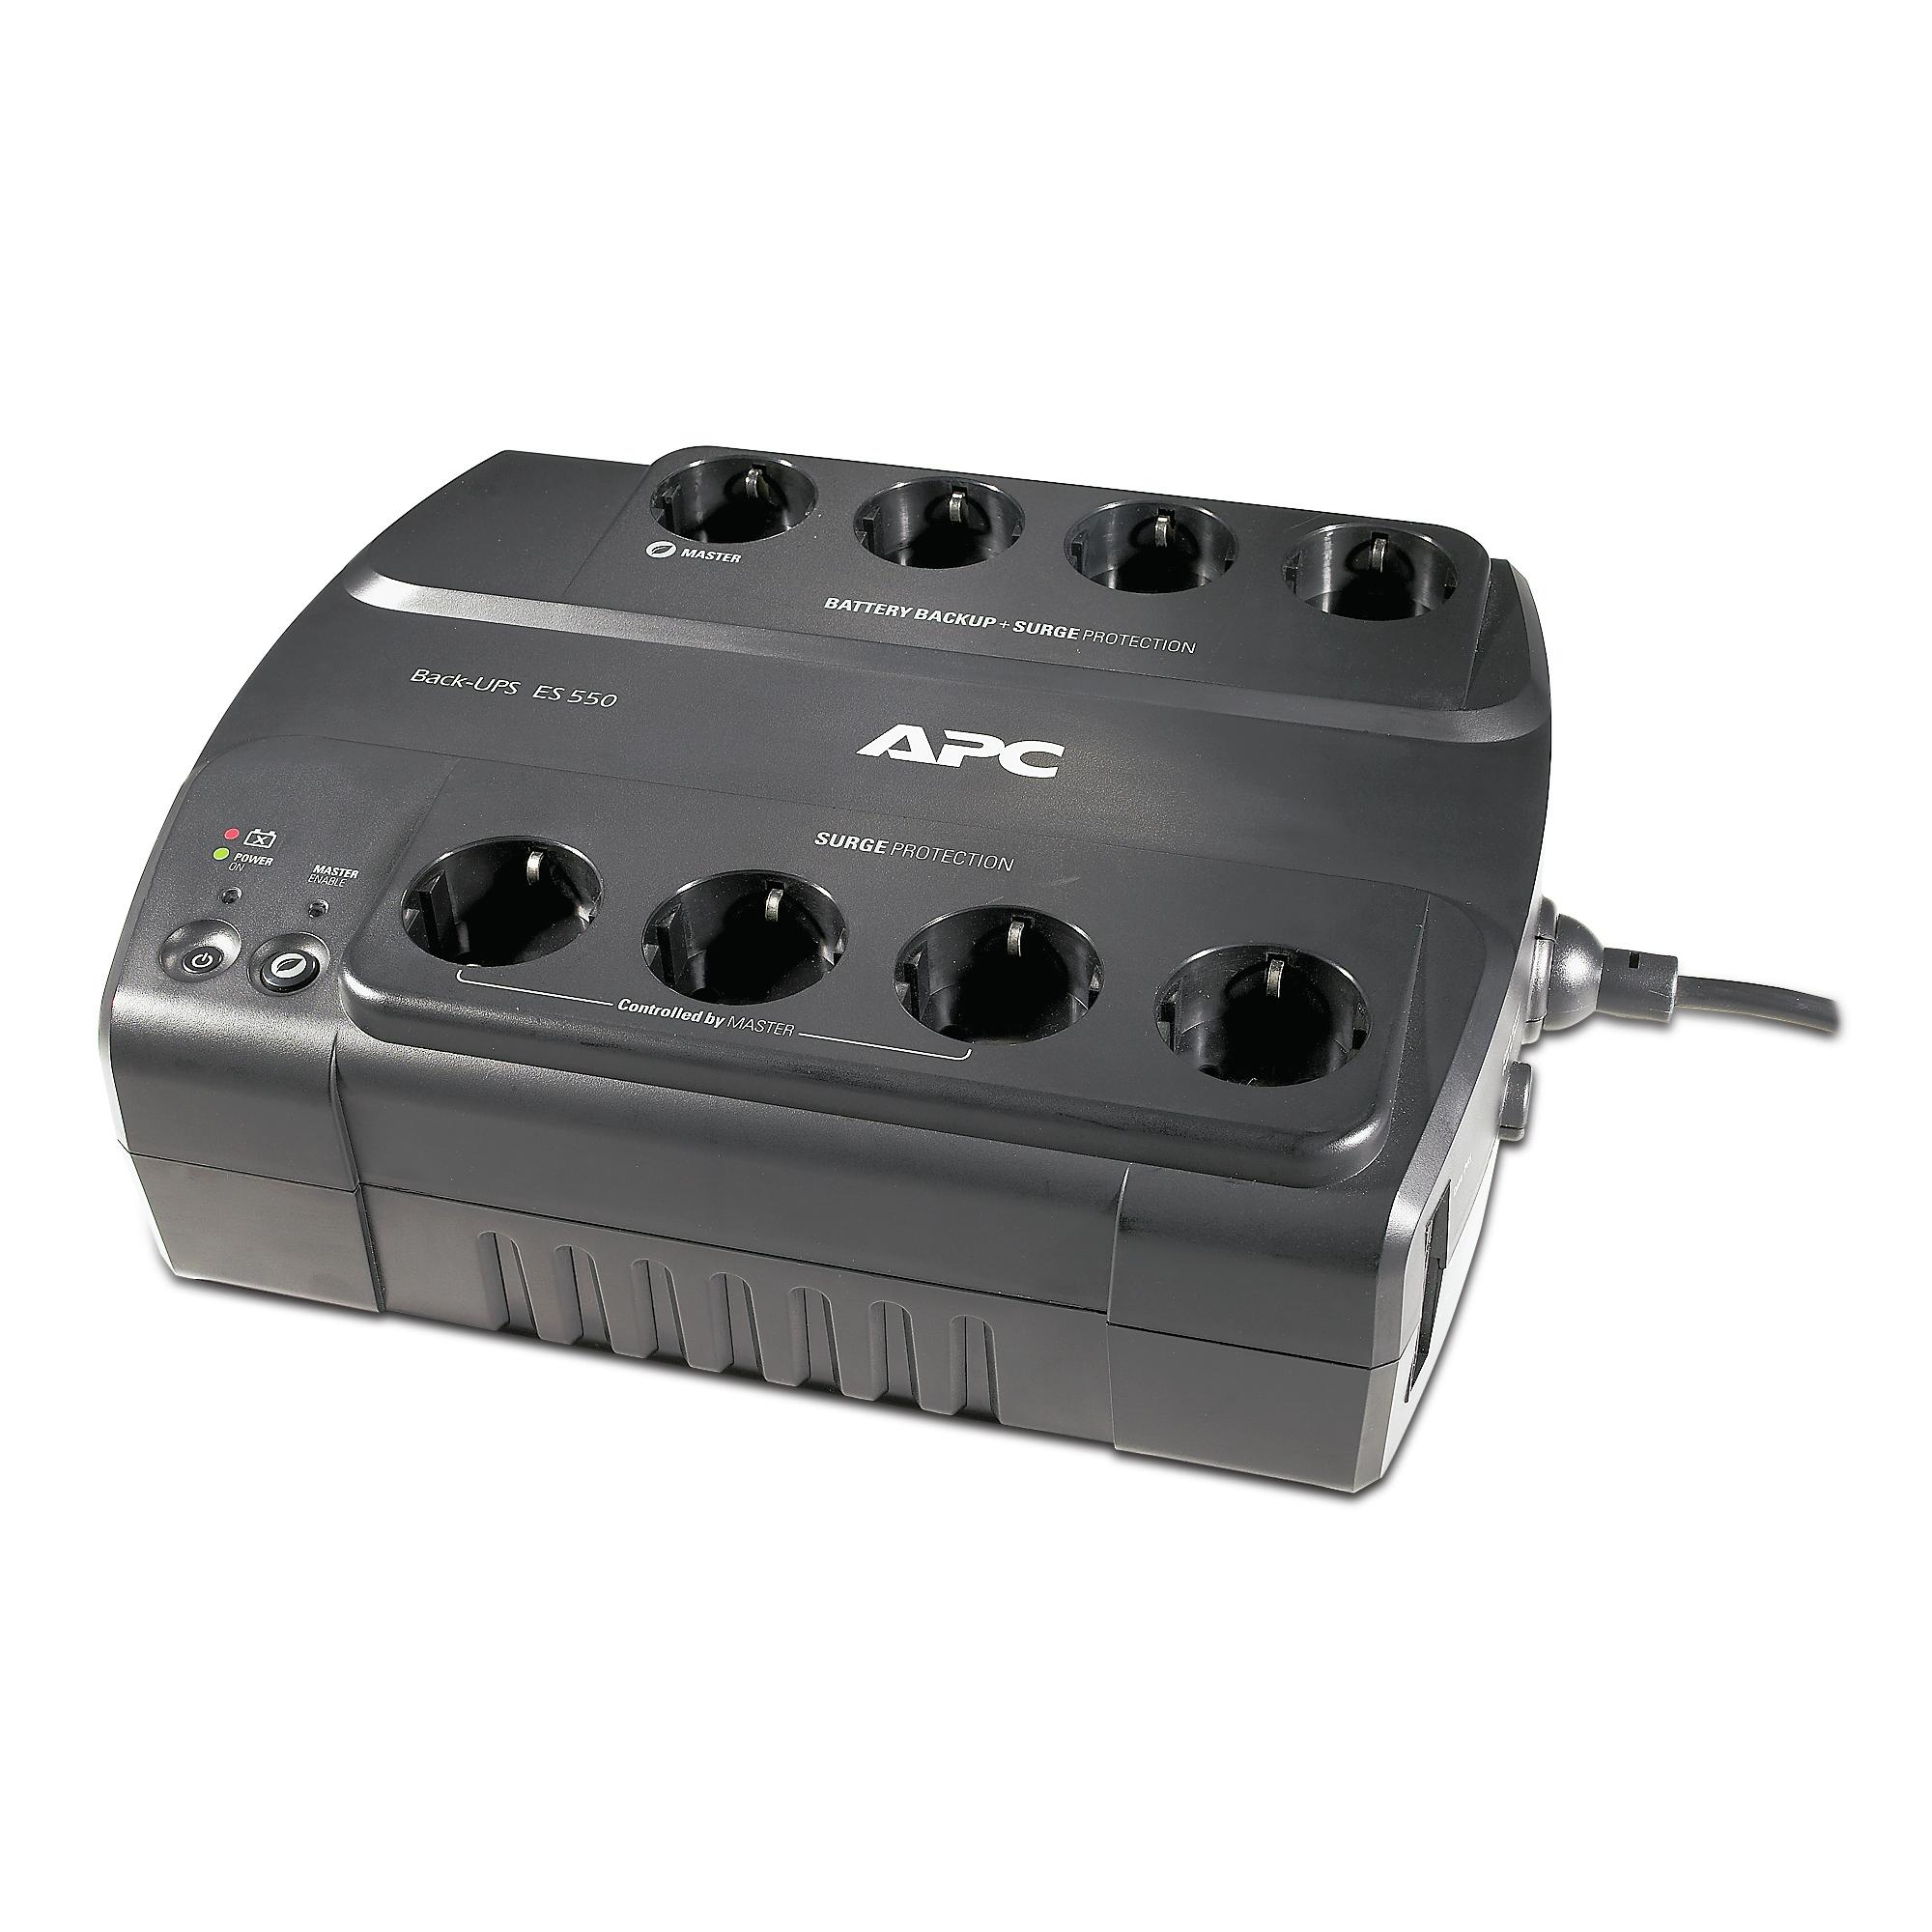 APC Back-UPS sistema de alimentación ininterrumpida (UPS) En espera (Fuera de línea) o Standby (Offline) 550 VA 330 W